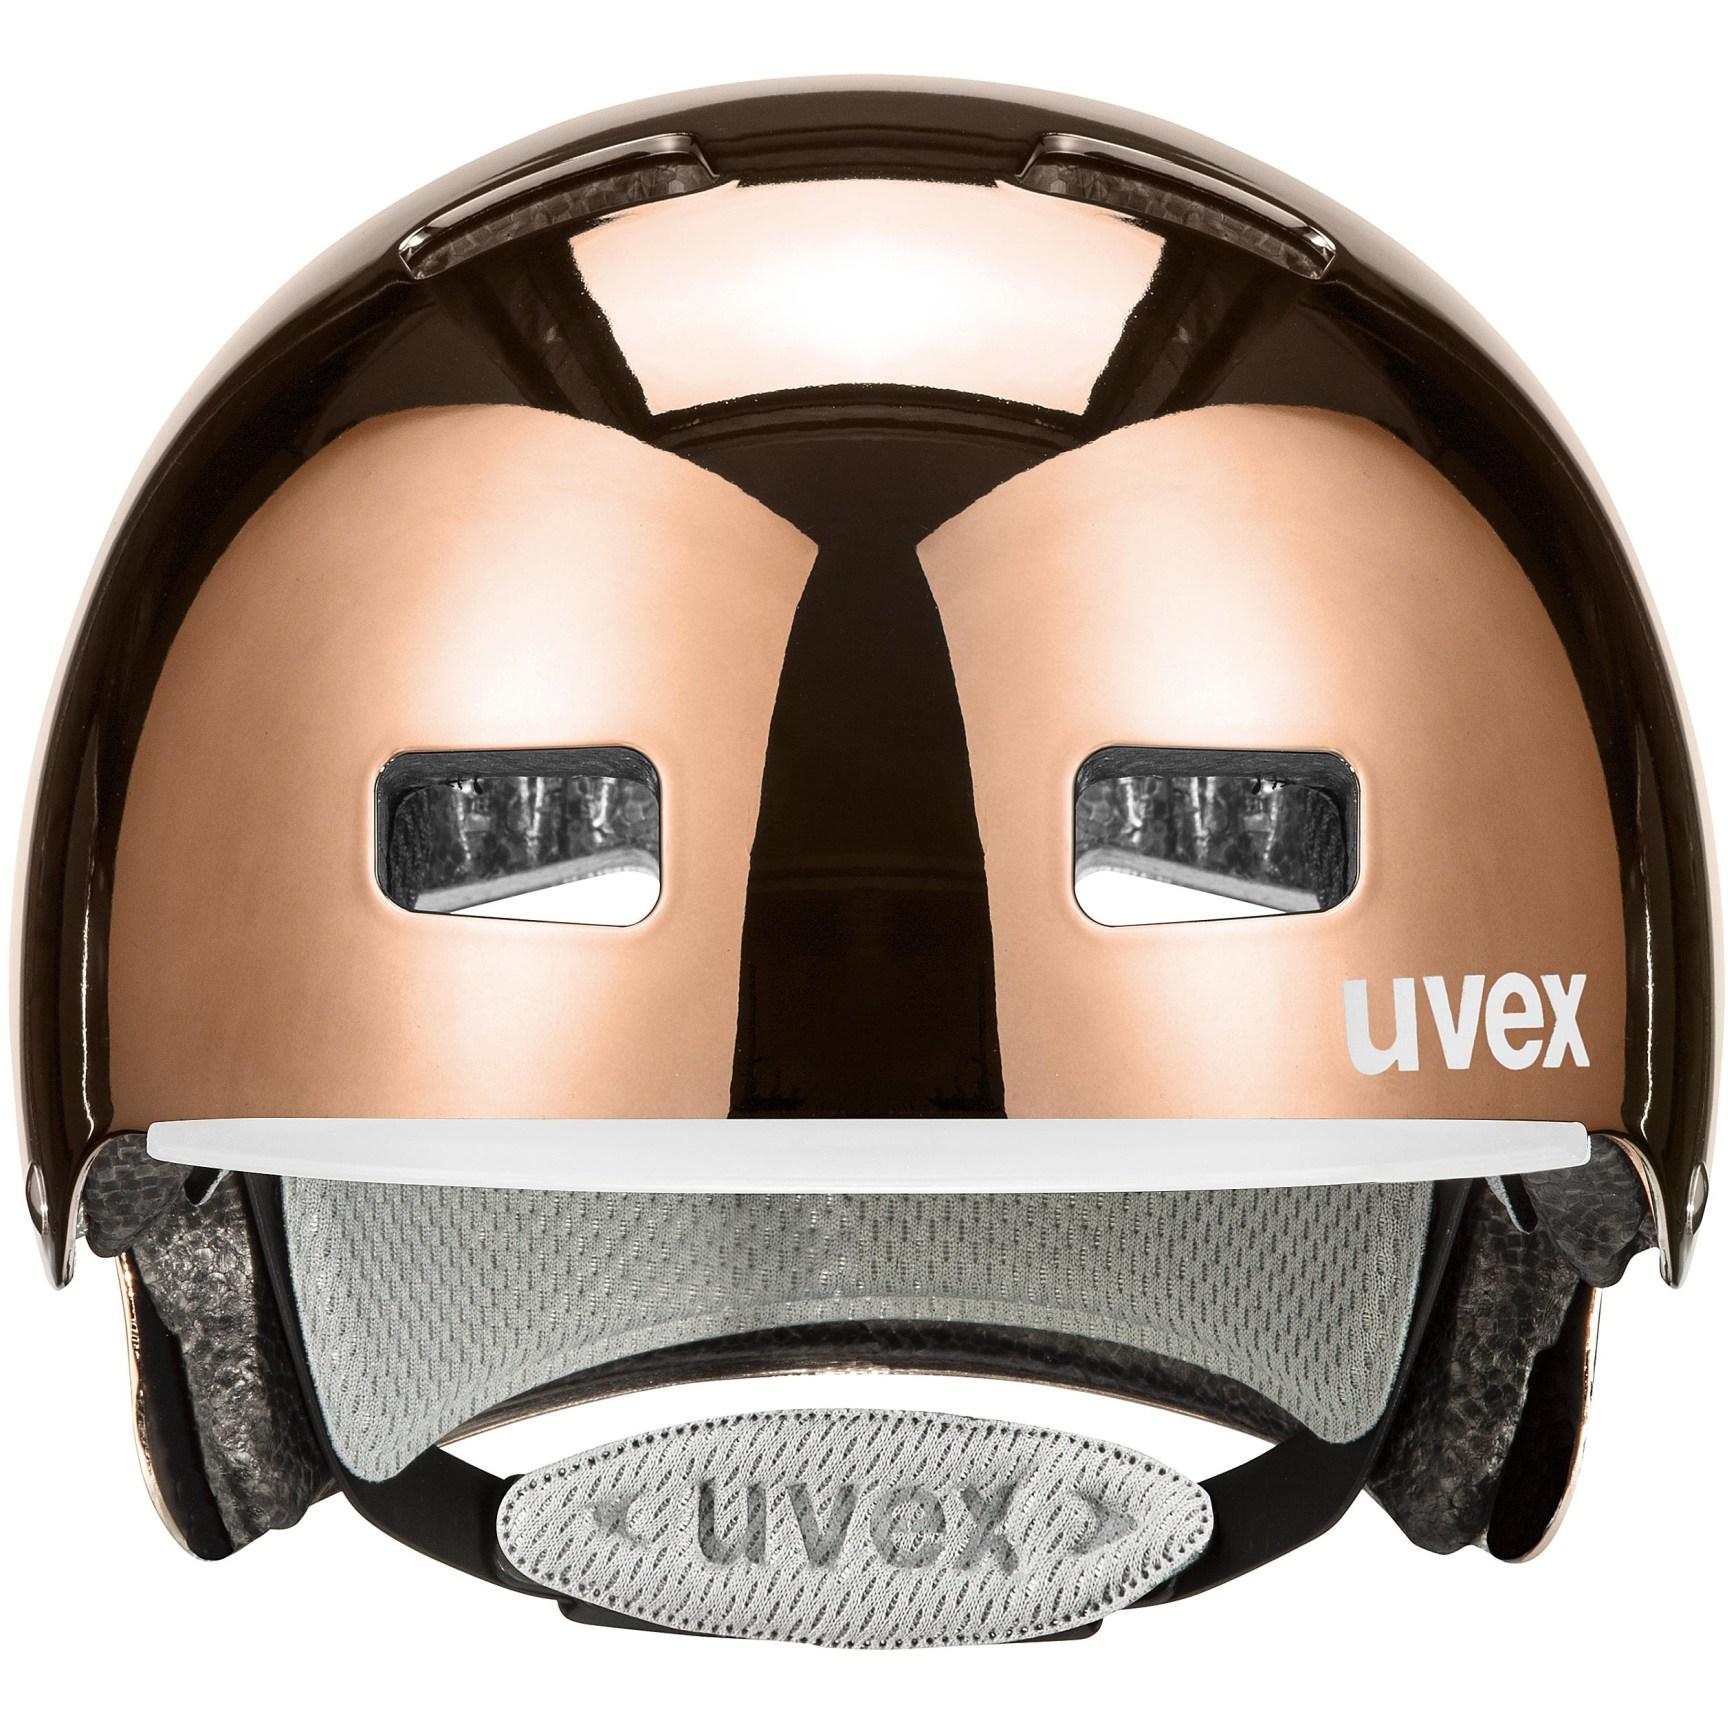 Image of Uvex hlmt 5 bike pro Helmet - rosé chrome